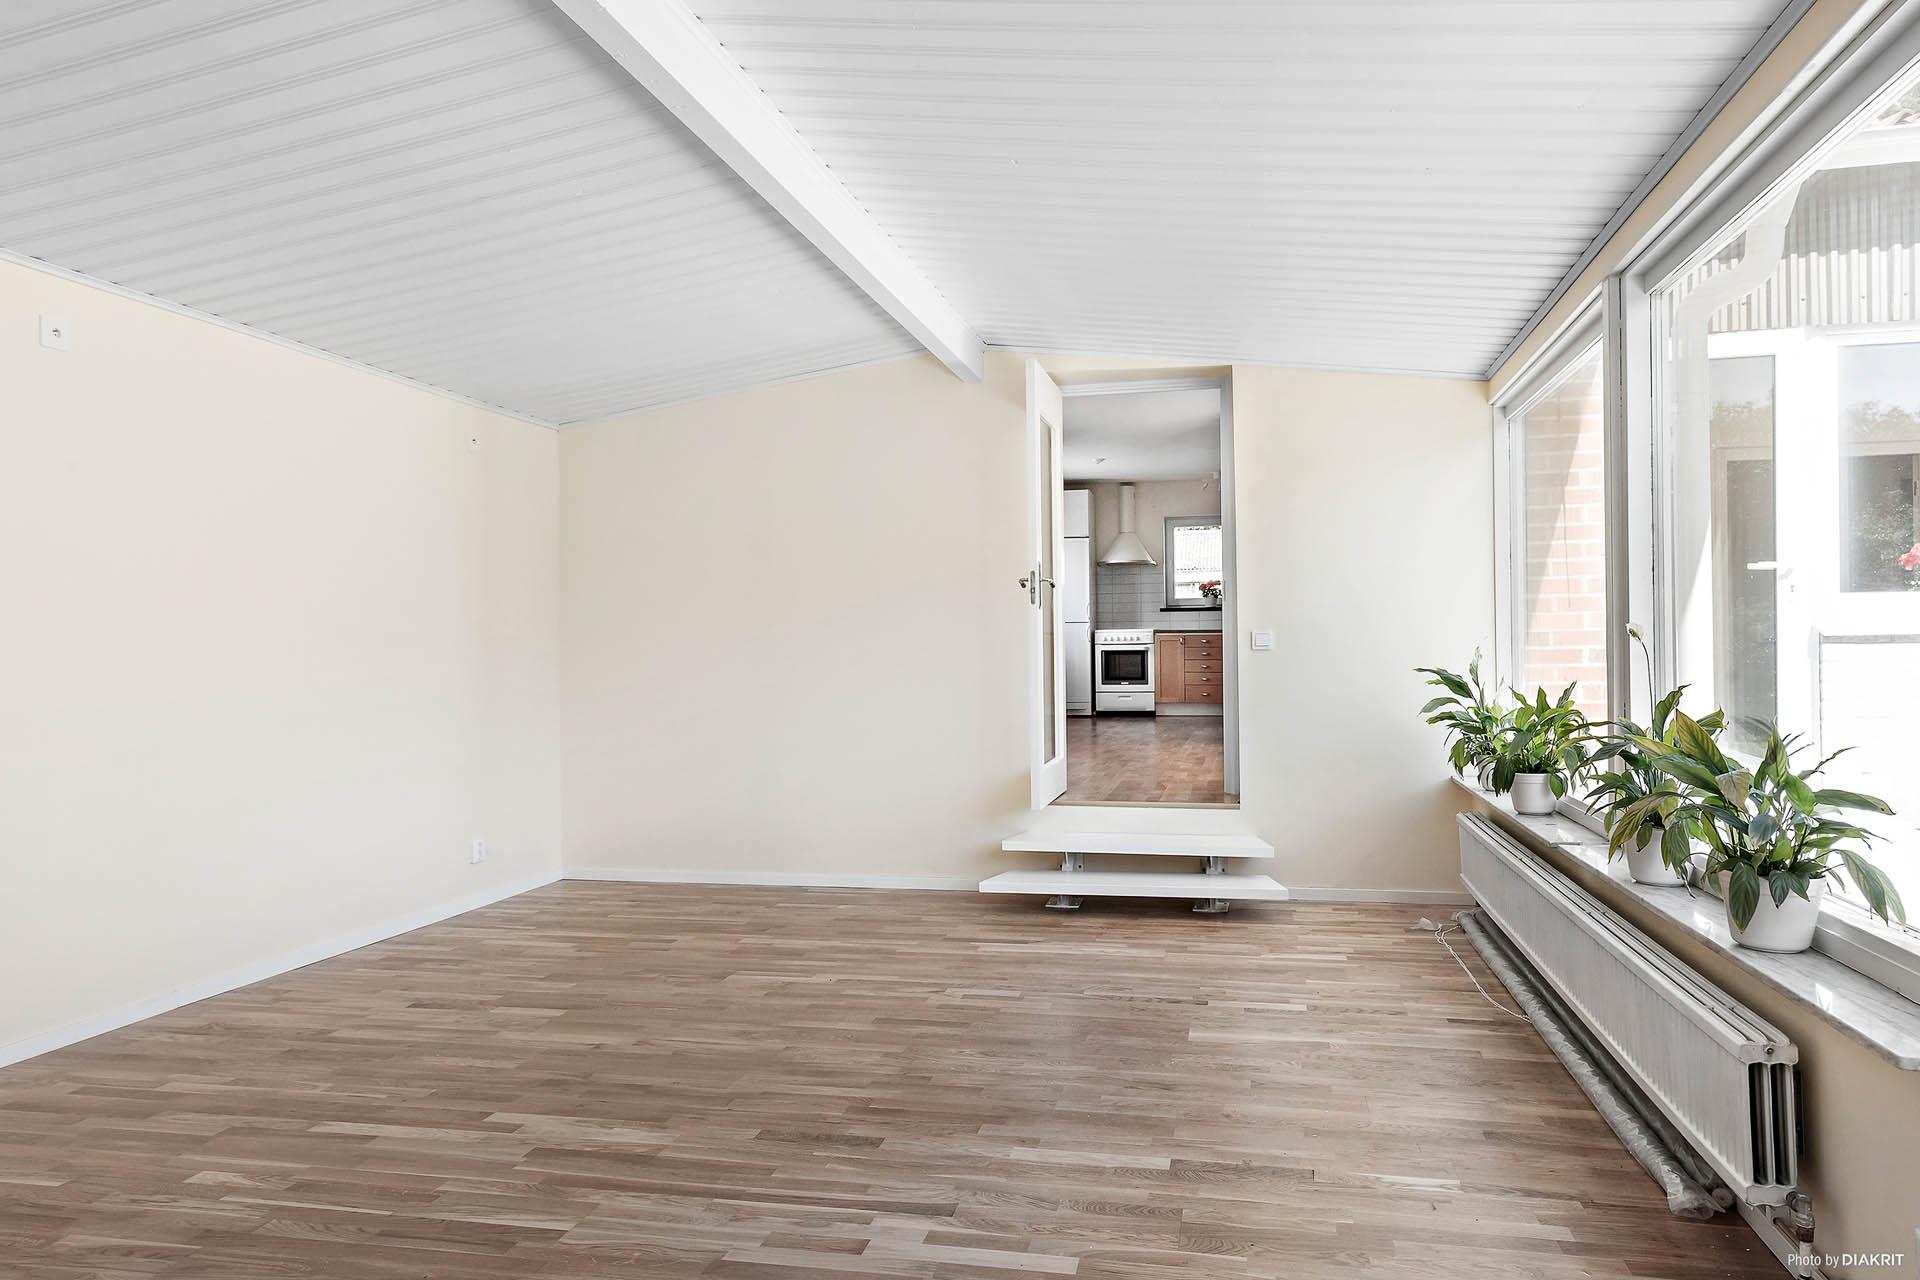 I anslutning till kök, matplats och vardagsrum ligger ytterligare ett allrum, även detta med vackert ljusinsläpp från flertalet fönster.